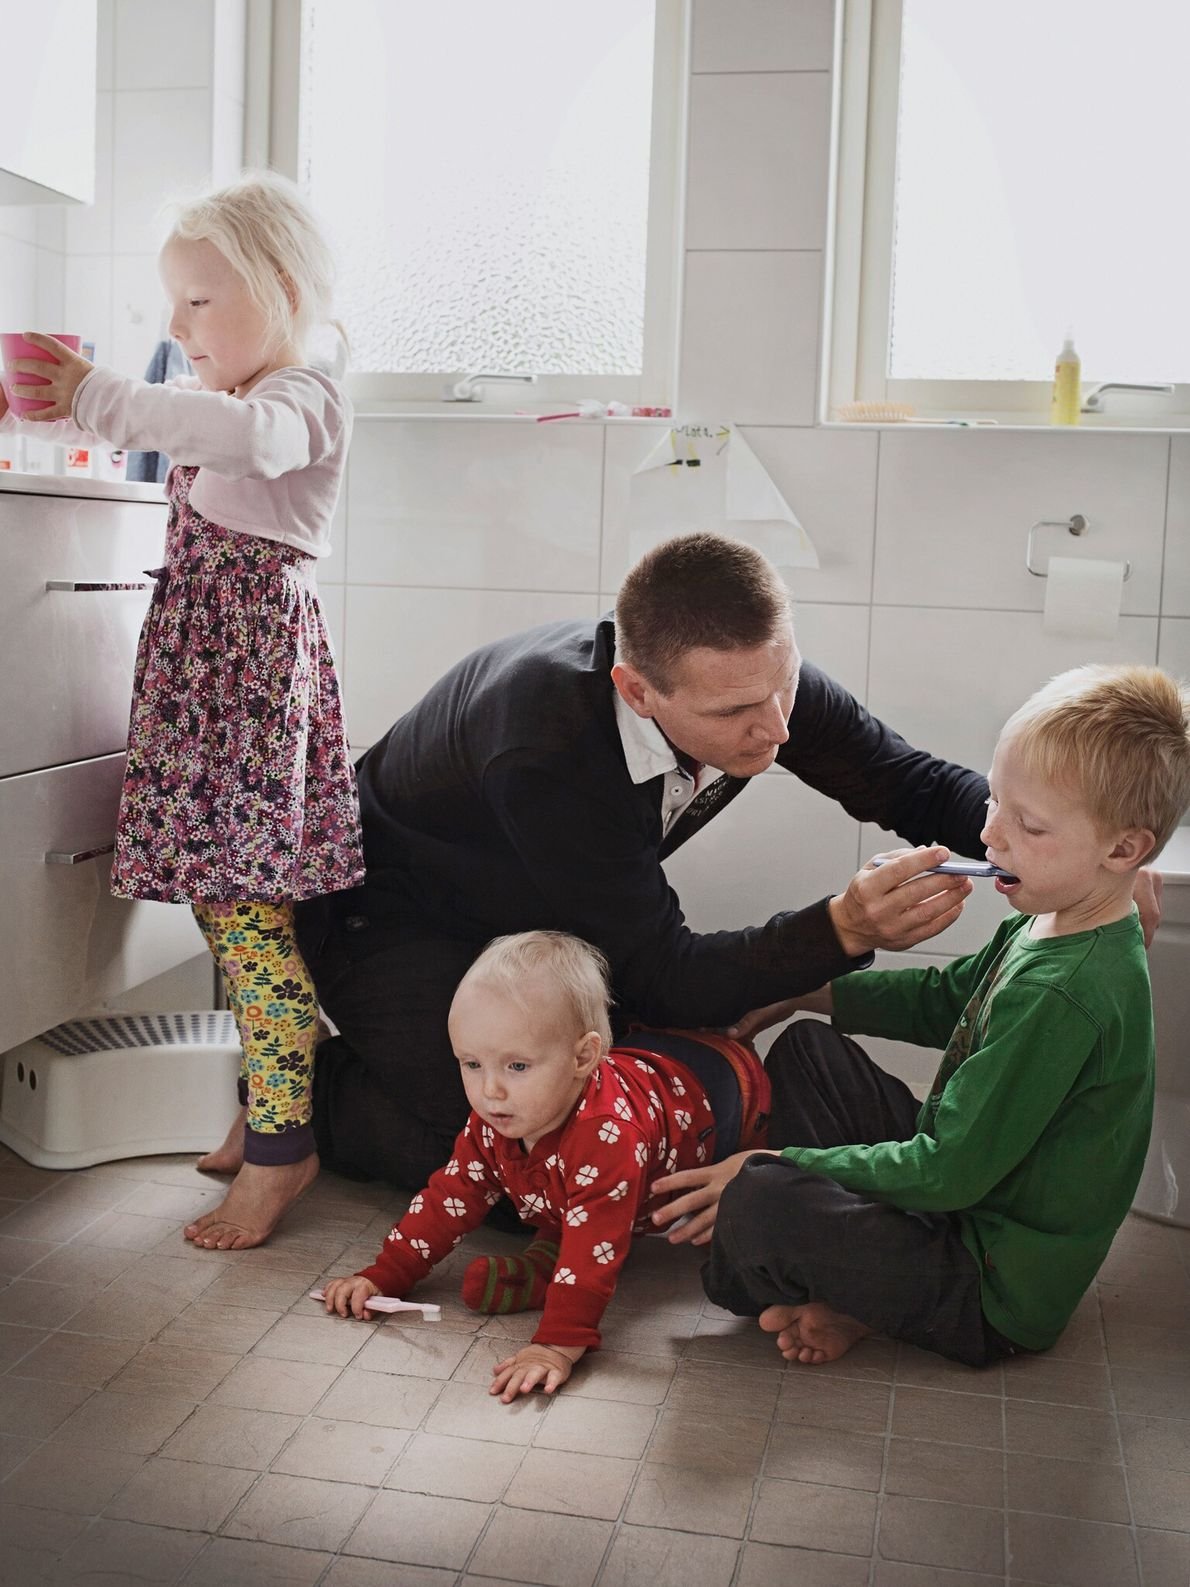 Johan Ekengård et sa femme ont divisé en parts égales leur congé parental. Ci-dessus, il gère ...